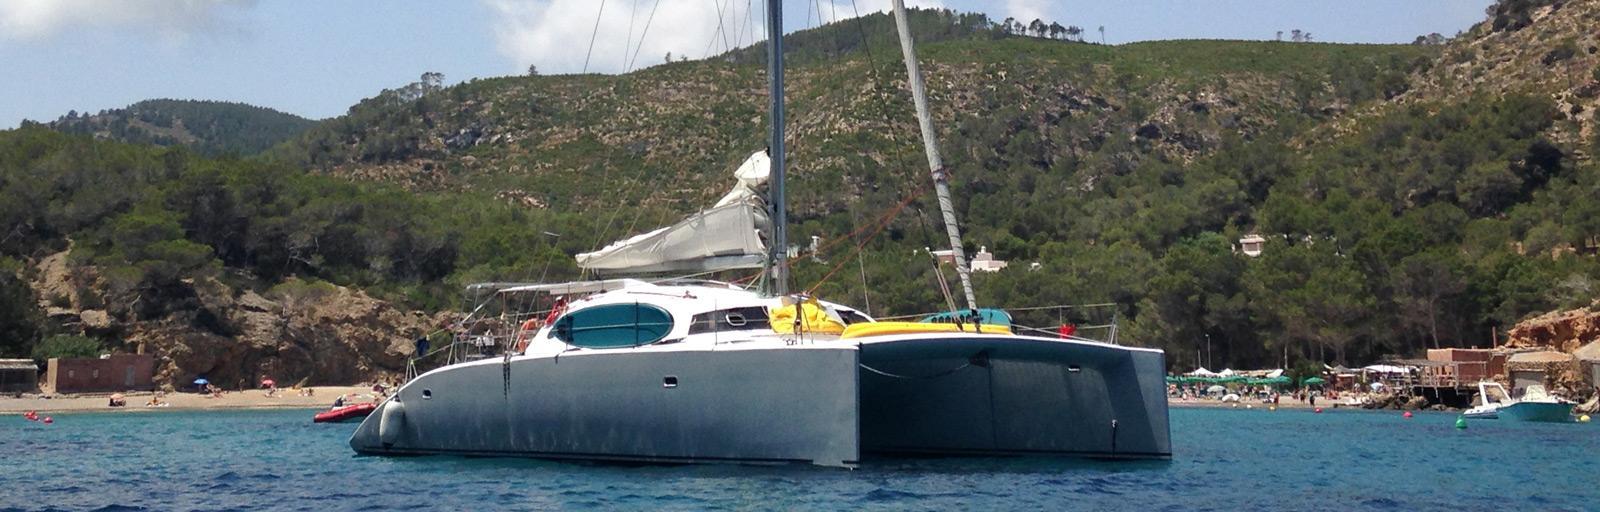 Flashcat 52s - AYC Yachtbroker